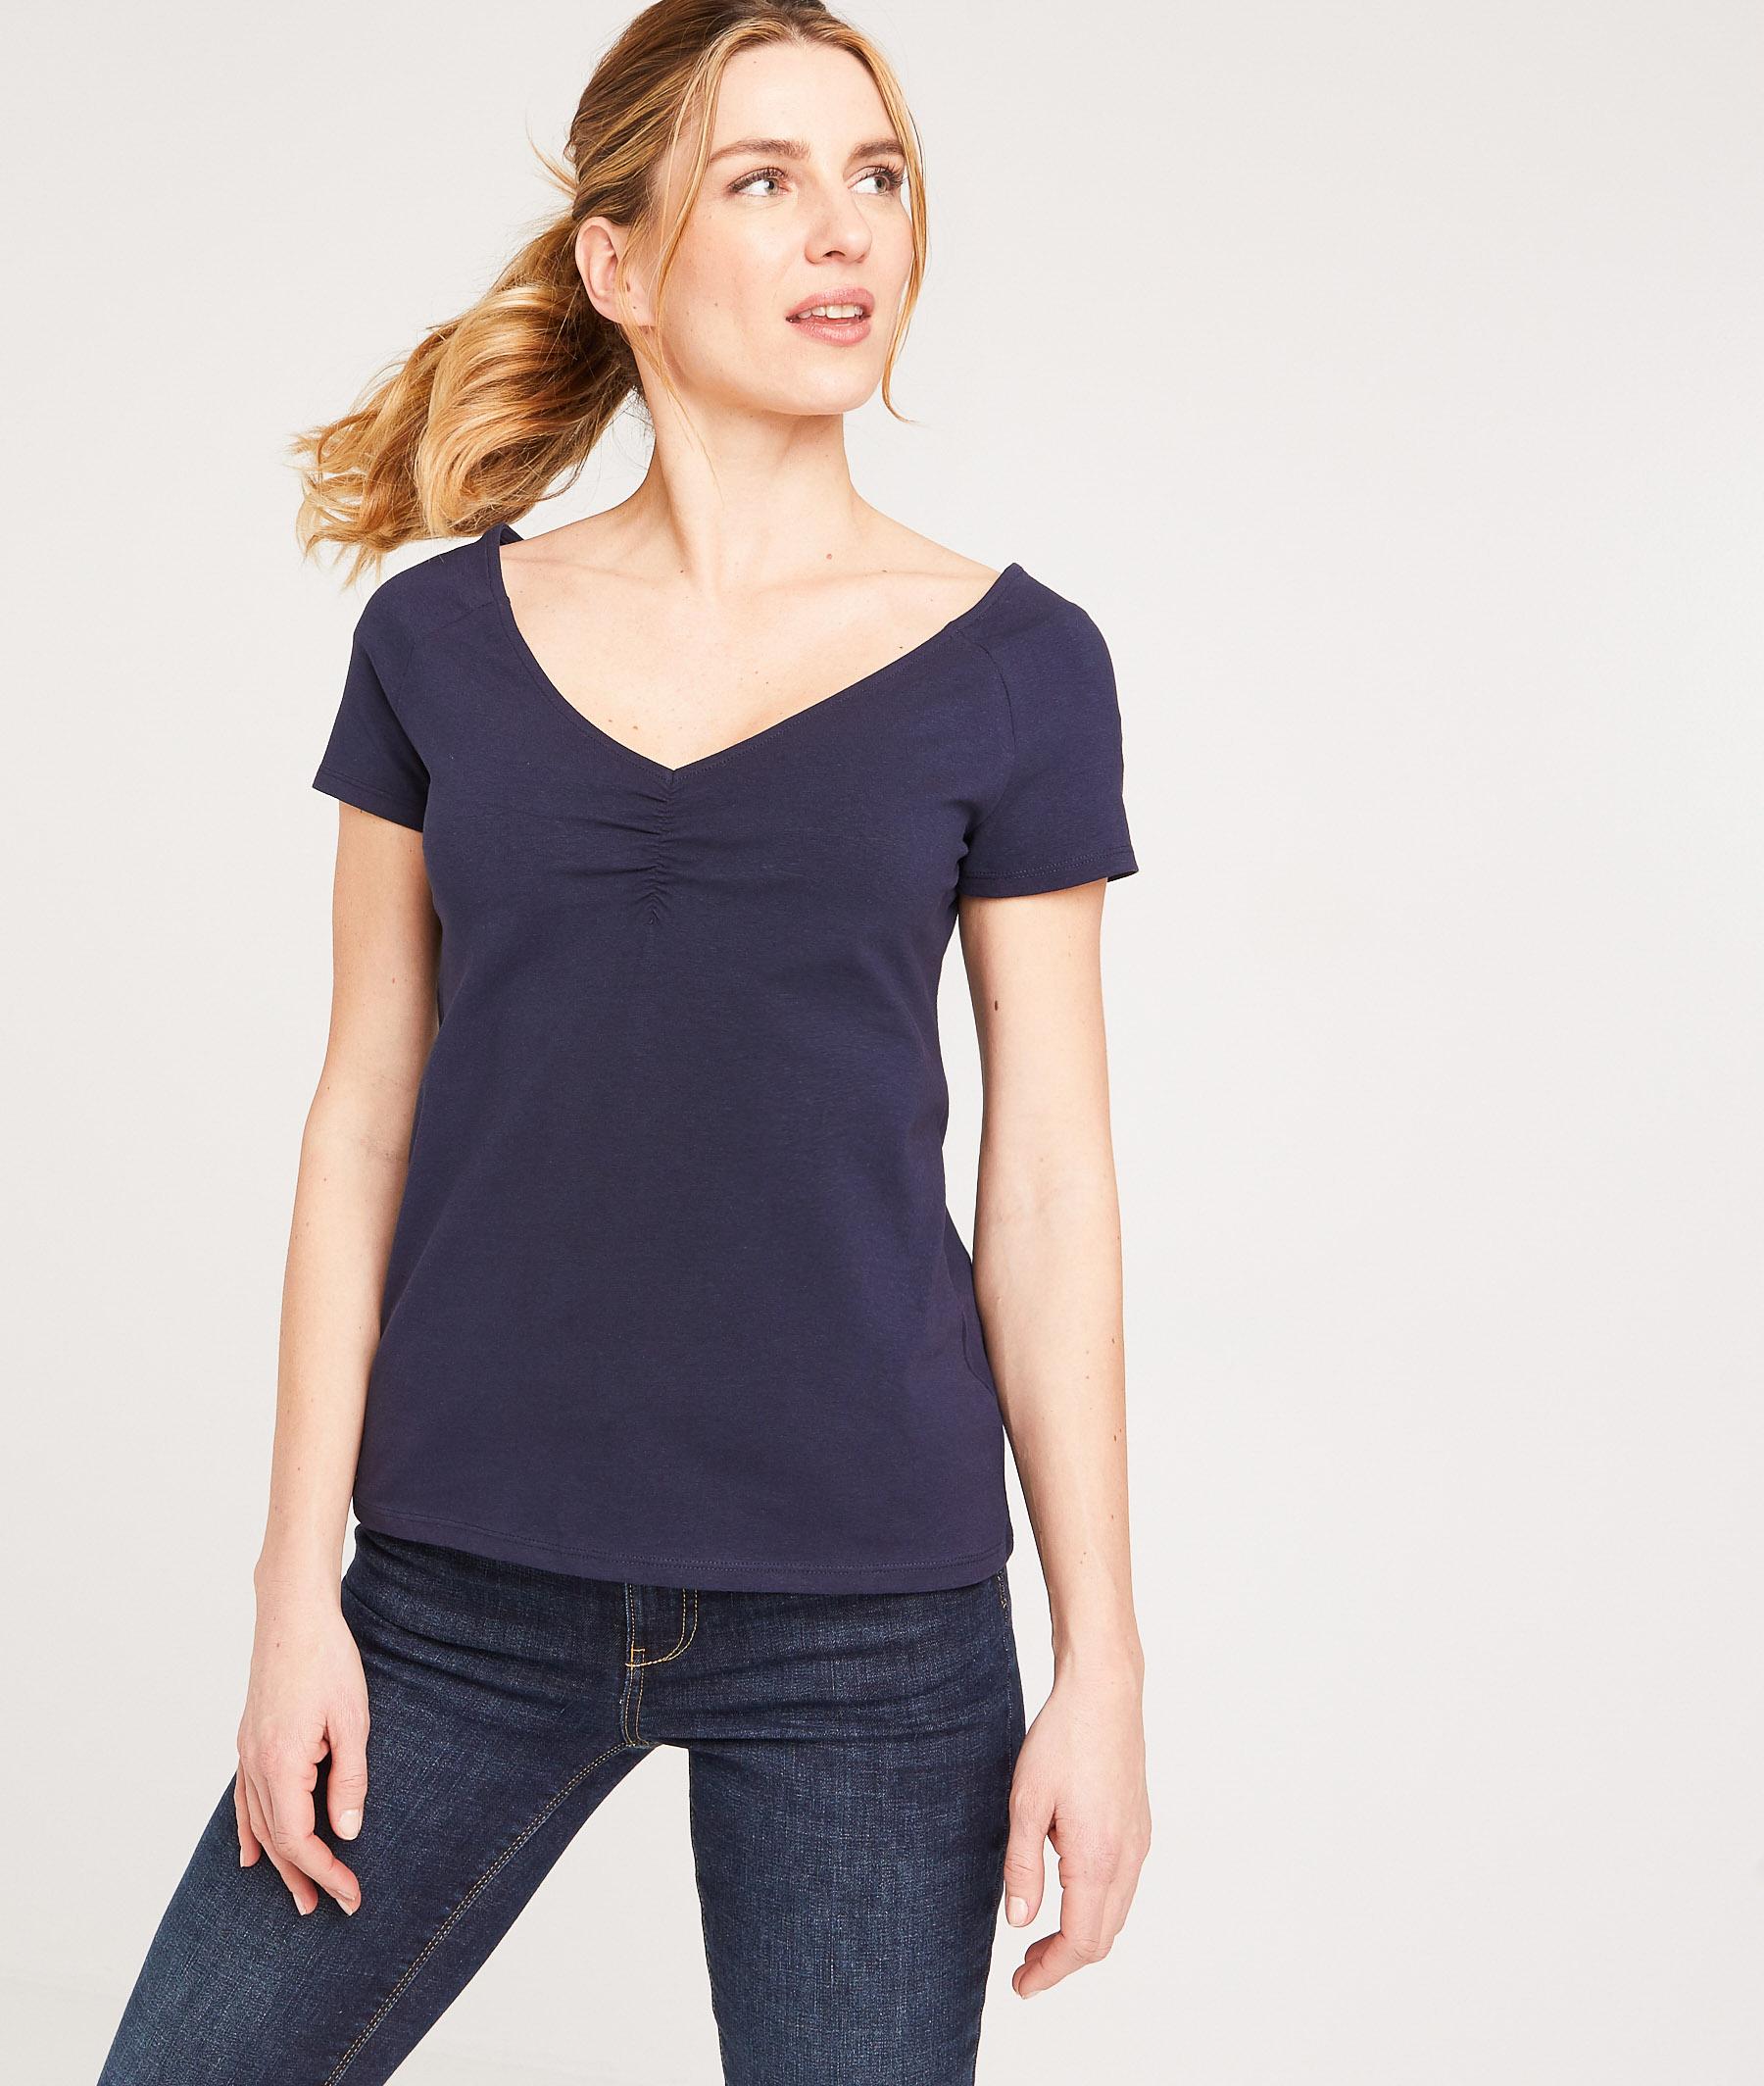 T-shirt uni en coton stretch femme MARINE